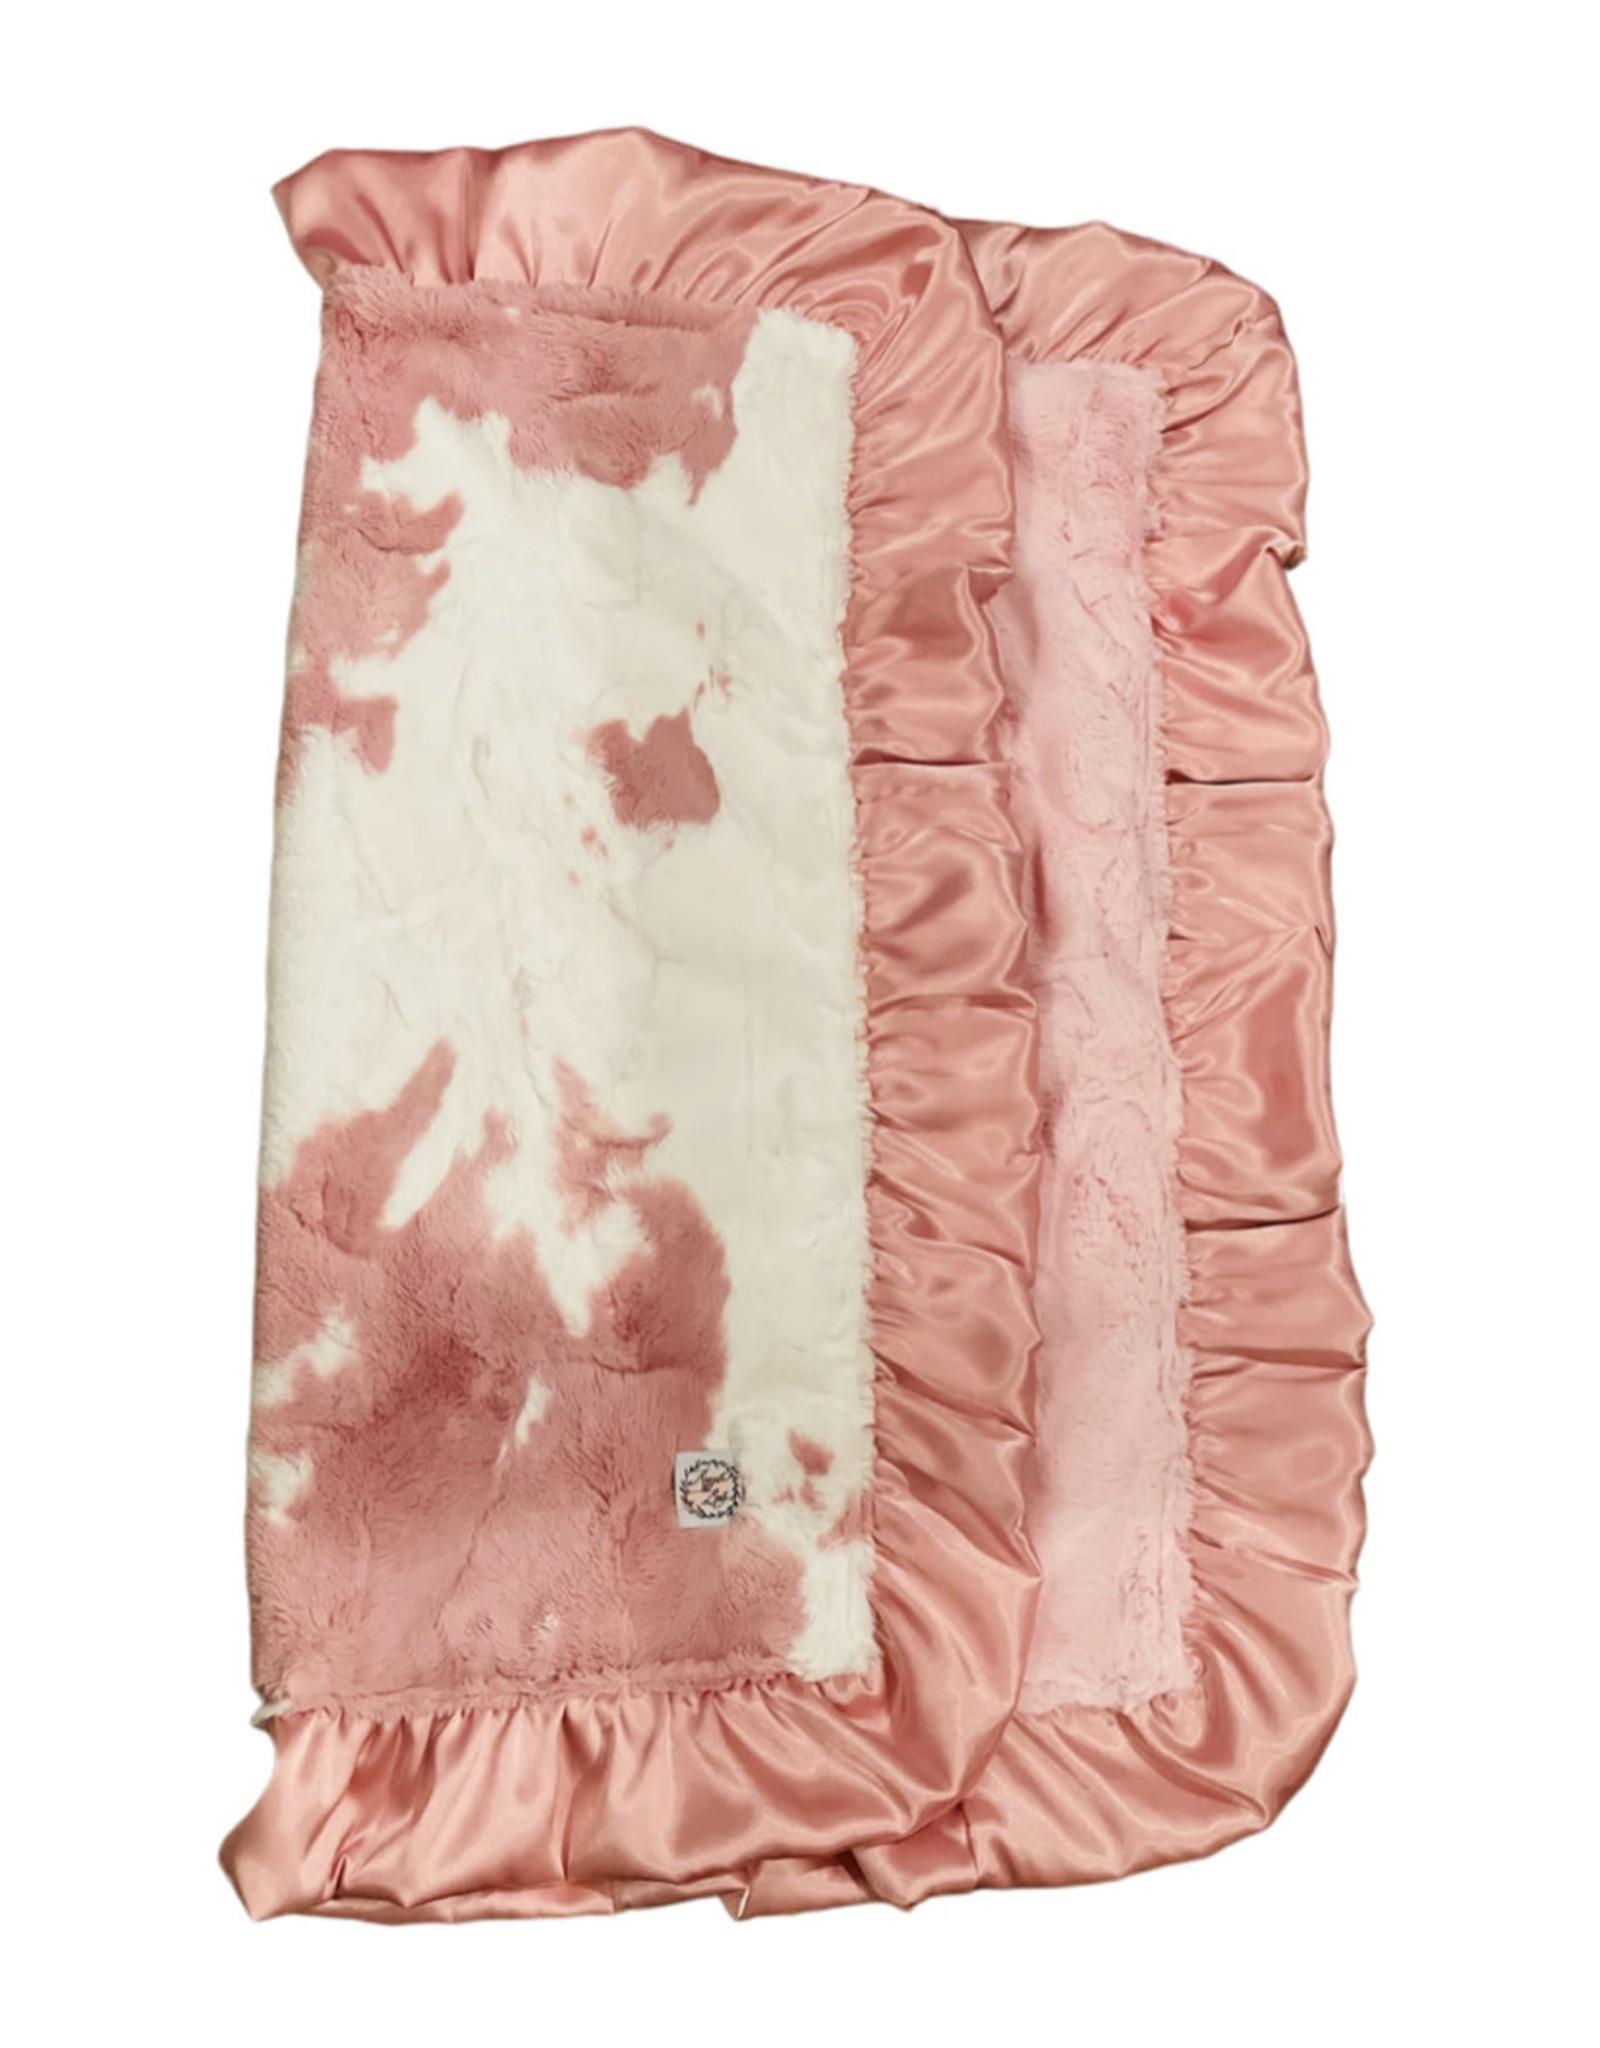 Razzle Baby Razzle Baby- Double Plush Clararose Calf Blanket